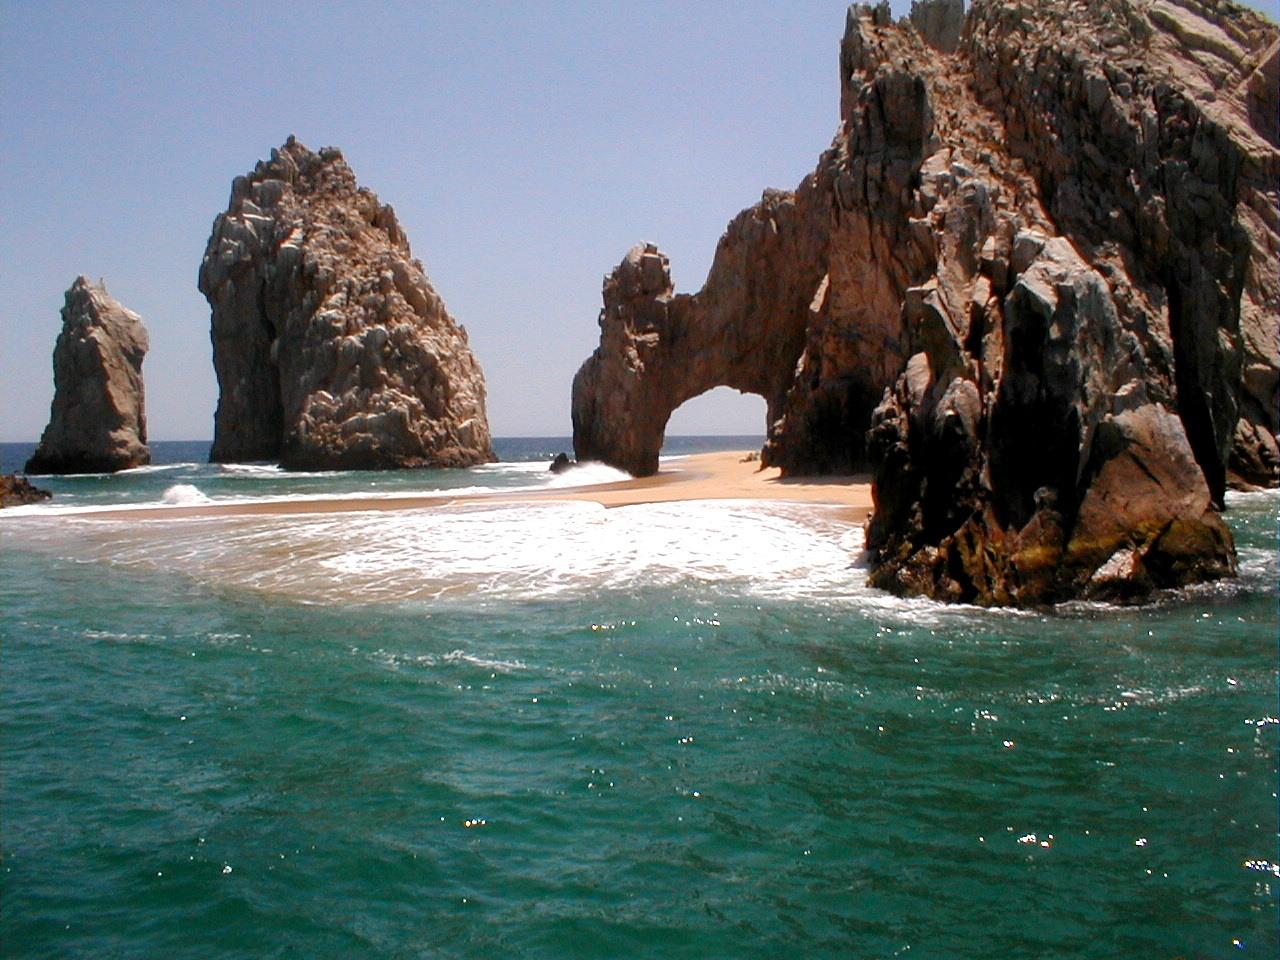 Cabo Mexico The Arch desktop wallpaper 1280x960